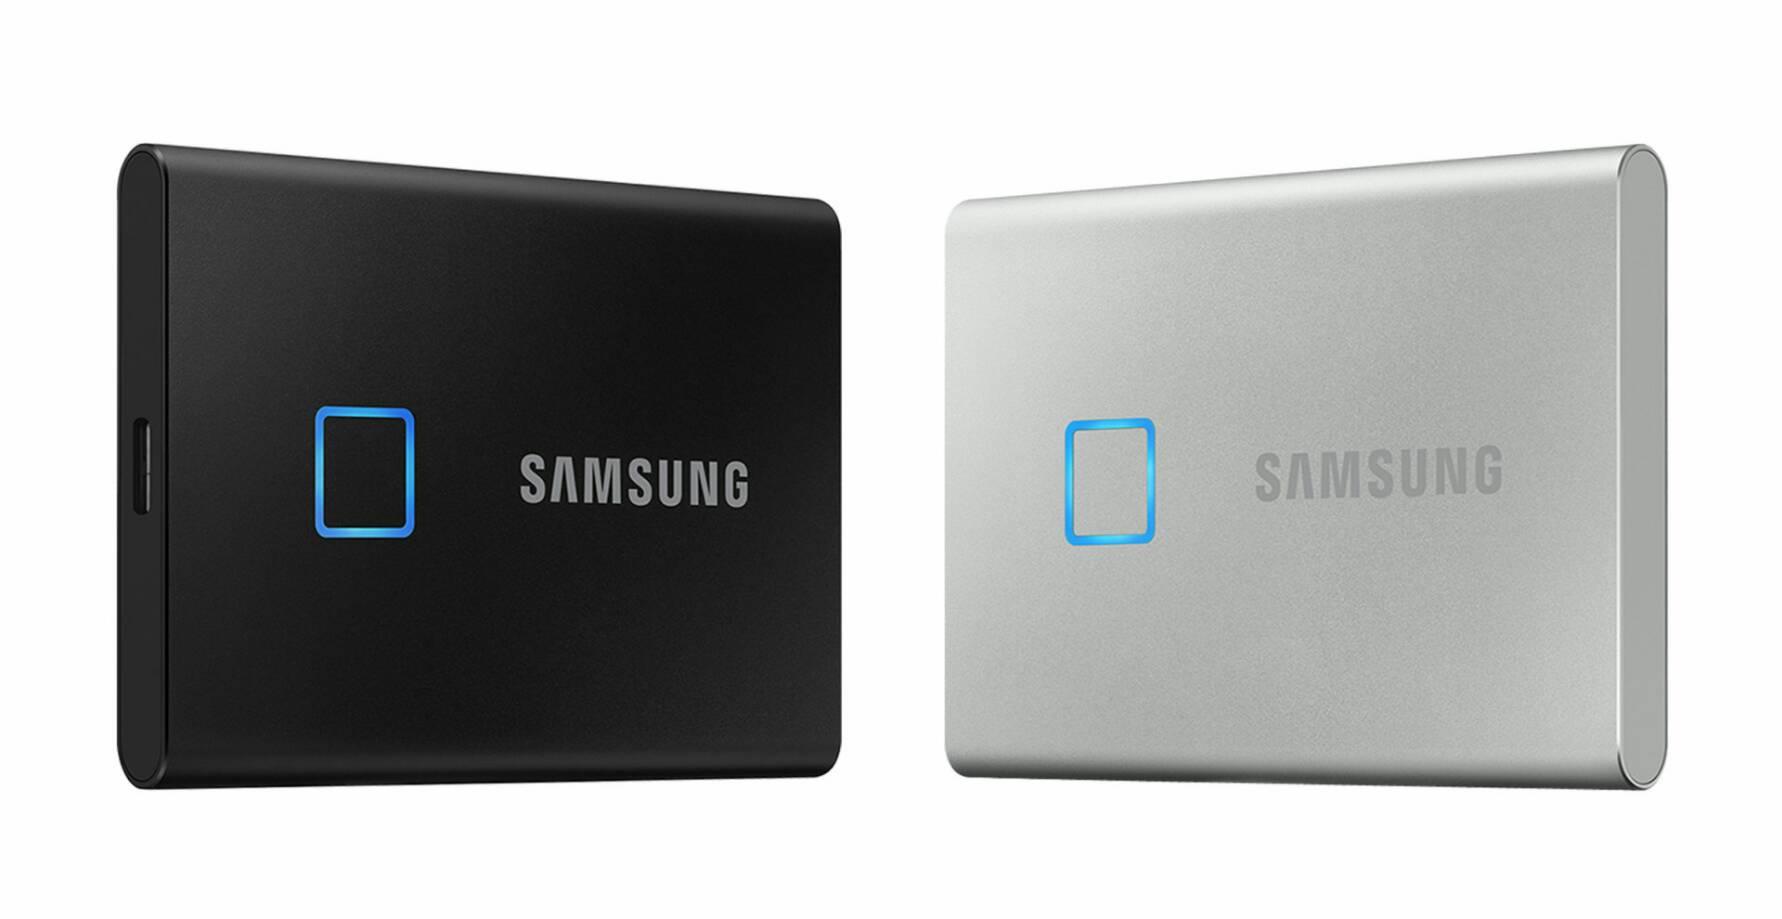 """โครตล้ำ! """"Samsung เปิดตัว T7 Touch SSD พกพารุ่นใหม่ ไฉไลด้วยการปกป้องข้อมูลด้วยลายนิ้วมือ gadgetมาใหม่ อัพเดทเทคโนโลยี ข่าวไอที อัพเดทโลกไซเบอร์"""